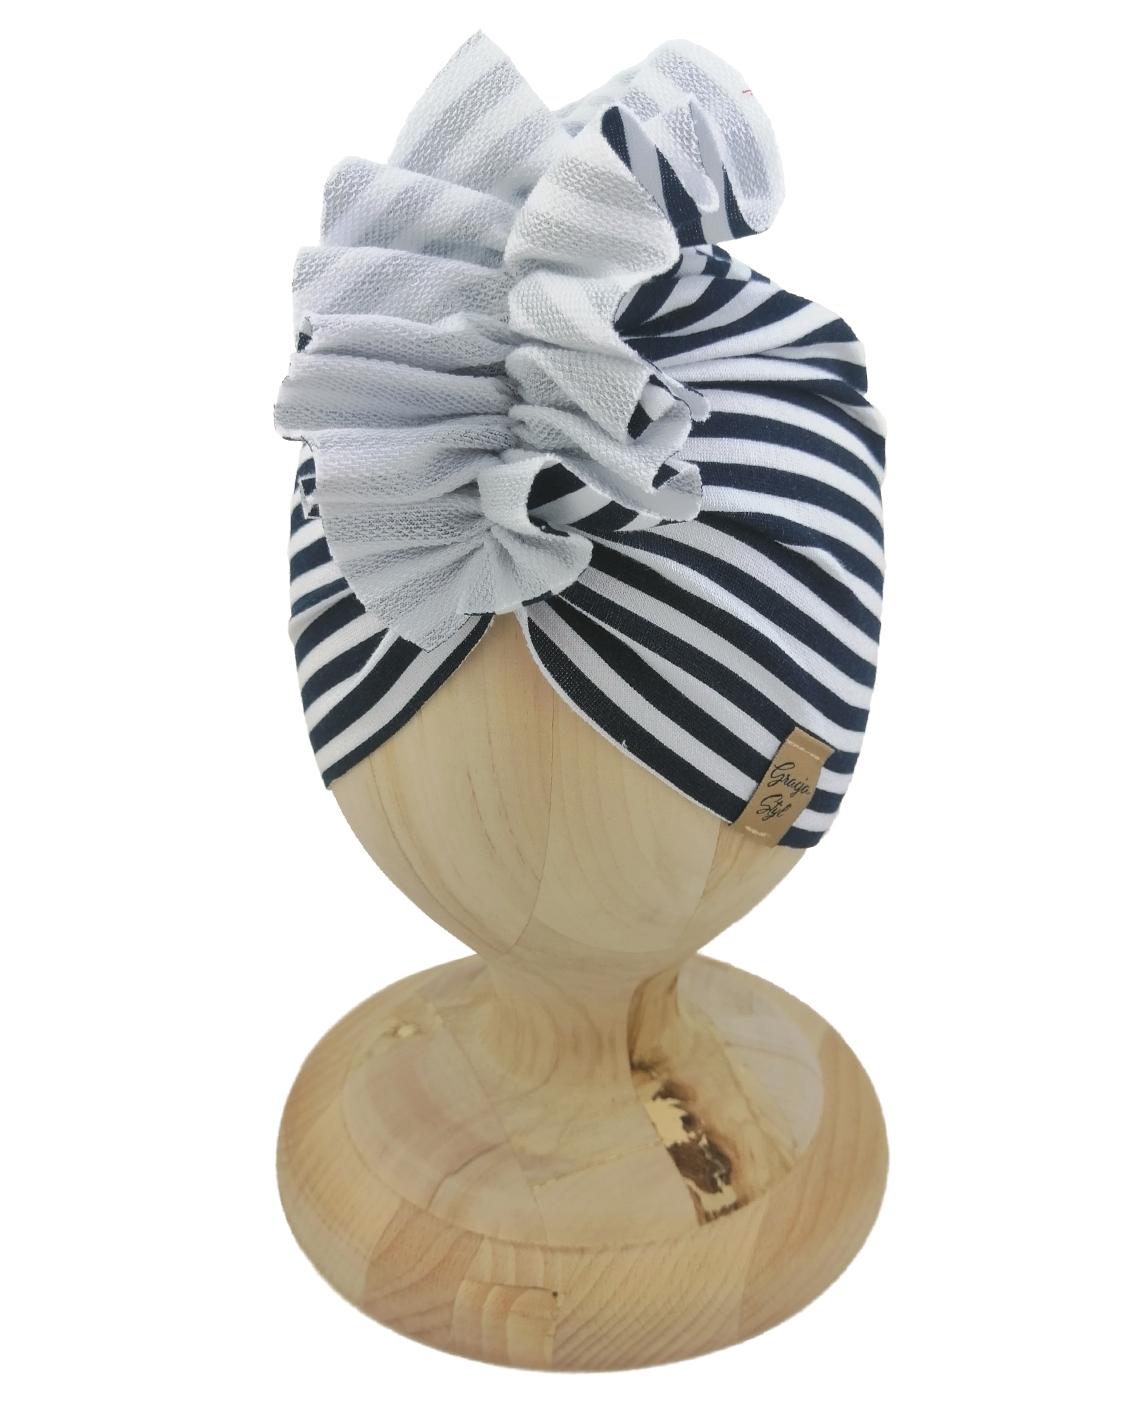 Czapka turban dziecięca marki Gracja styl. Wzór w paski biało granatowe. Produkt polski wykonany z bawełny pętelkowej typu dresówka.